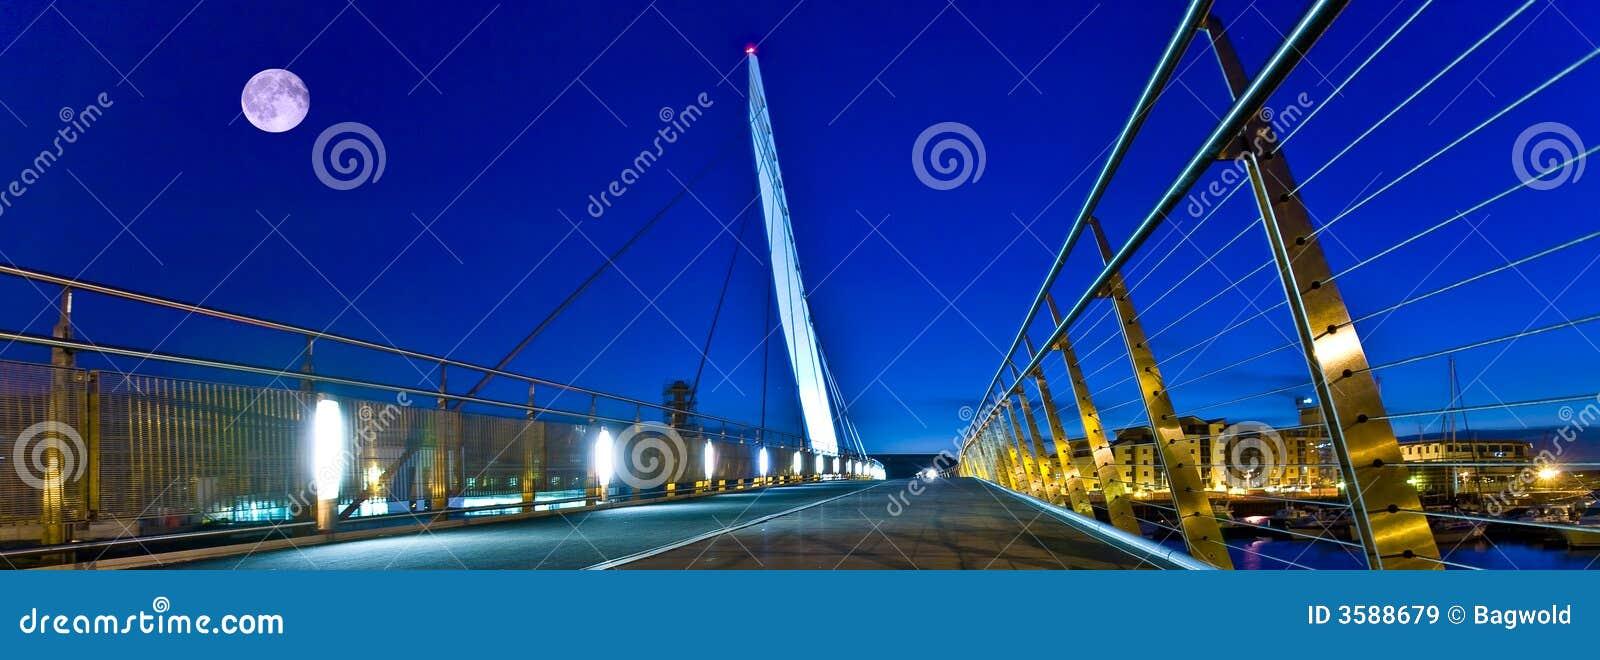 Het zeilbrug van Swansea